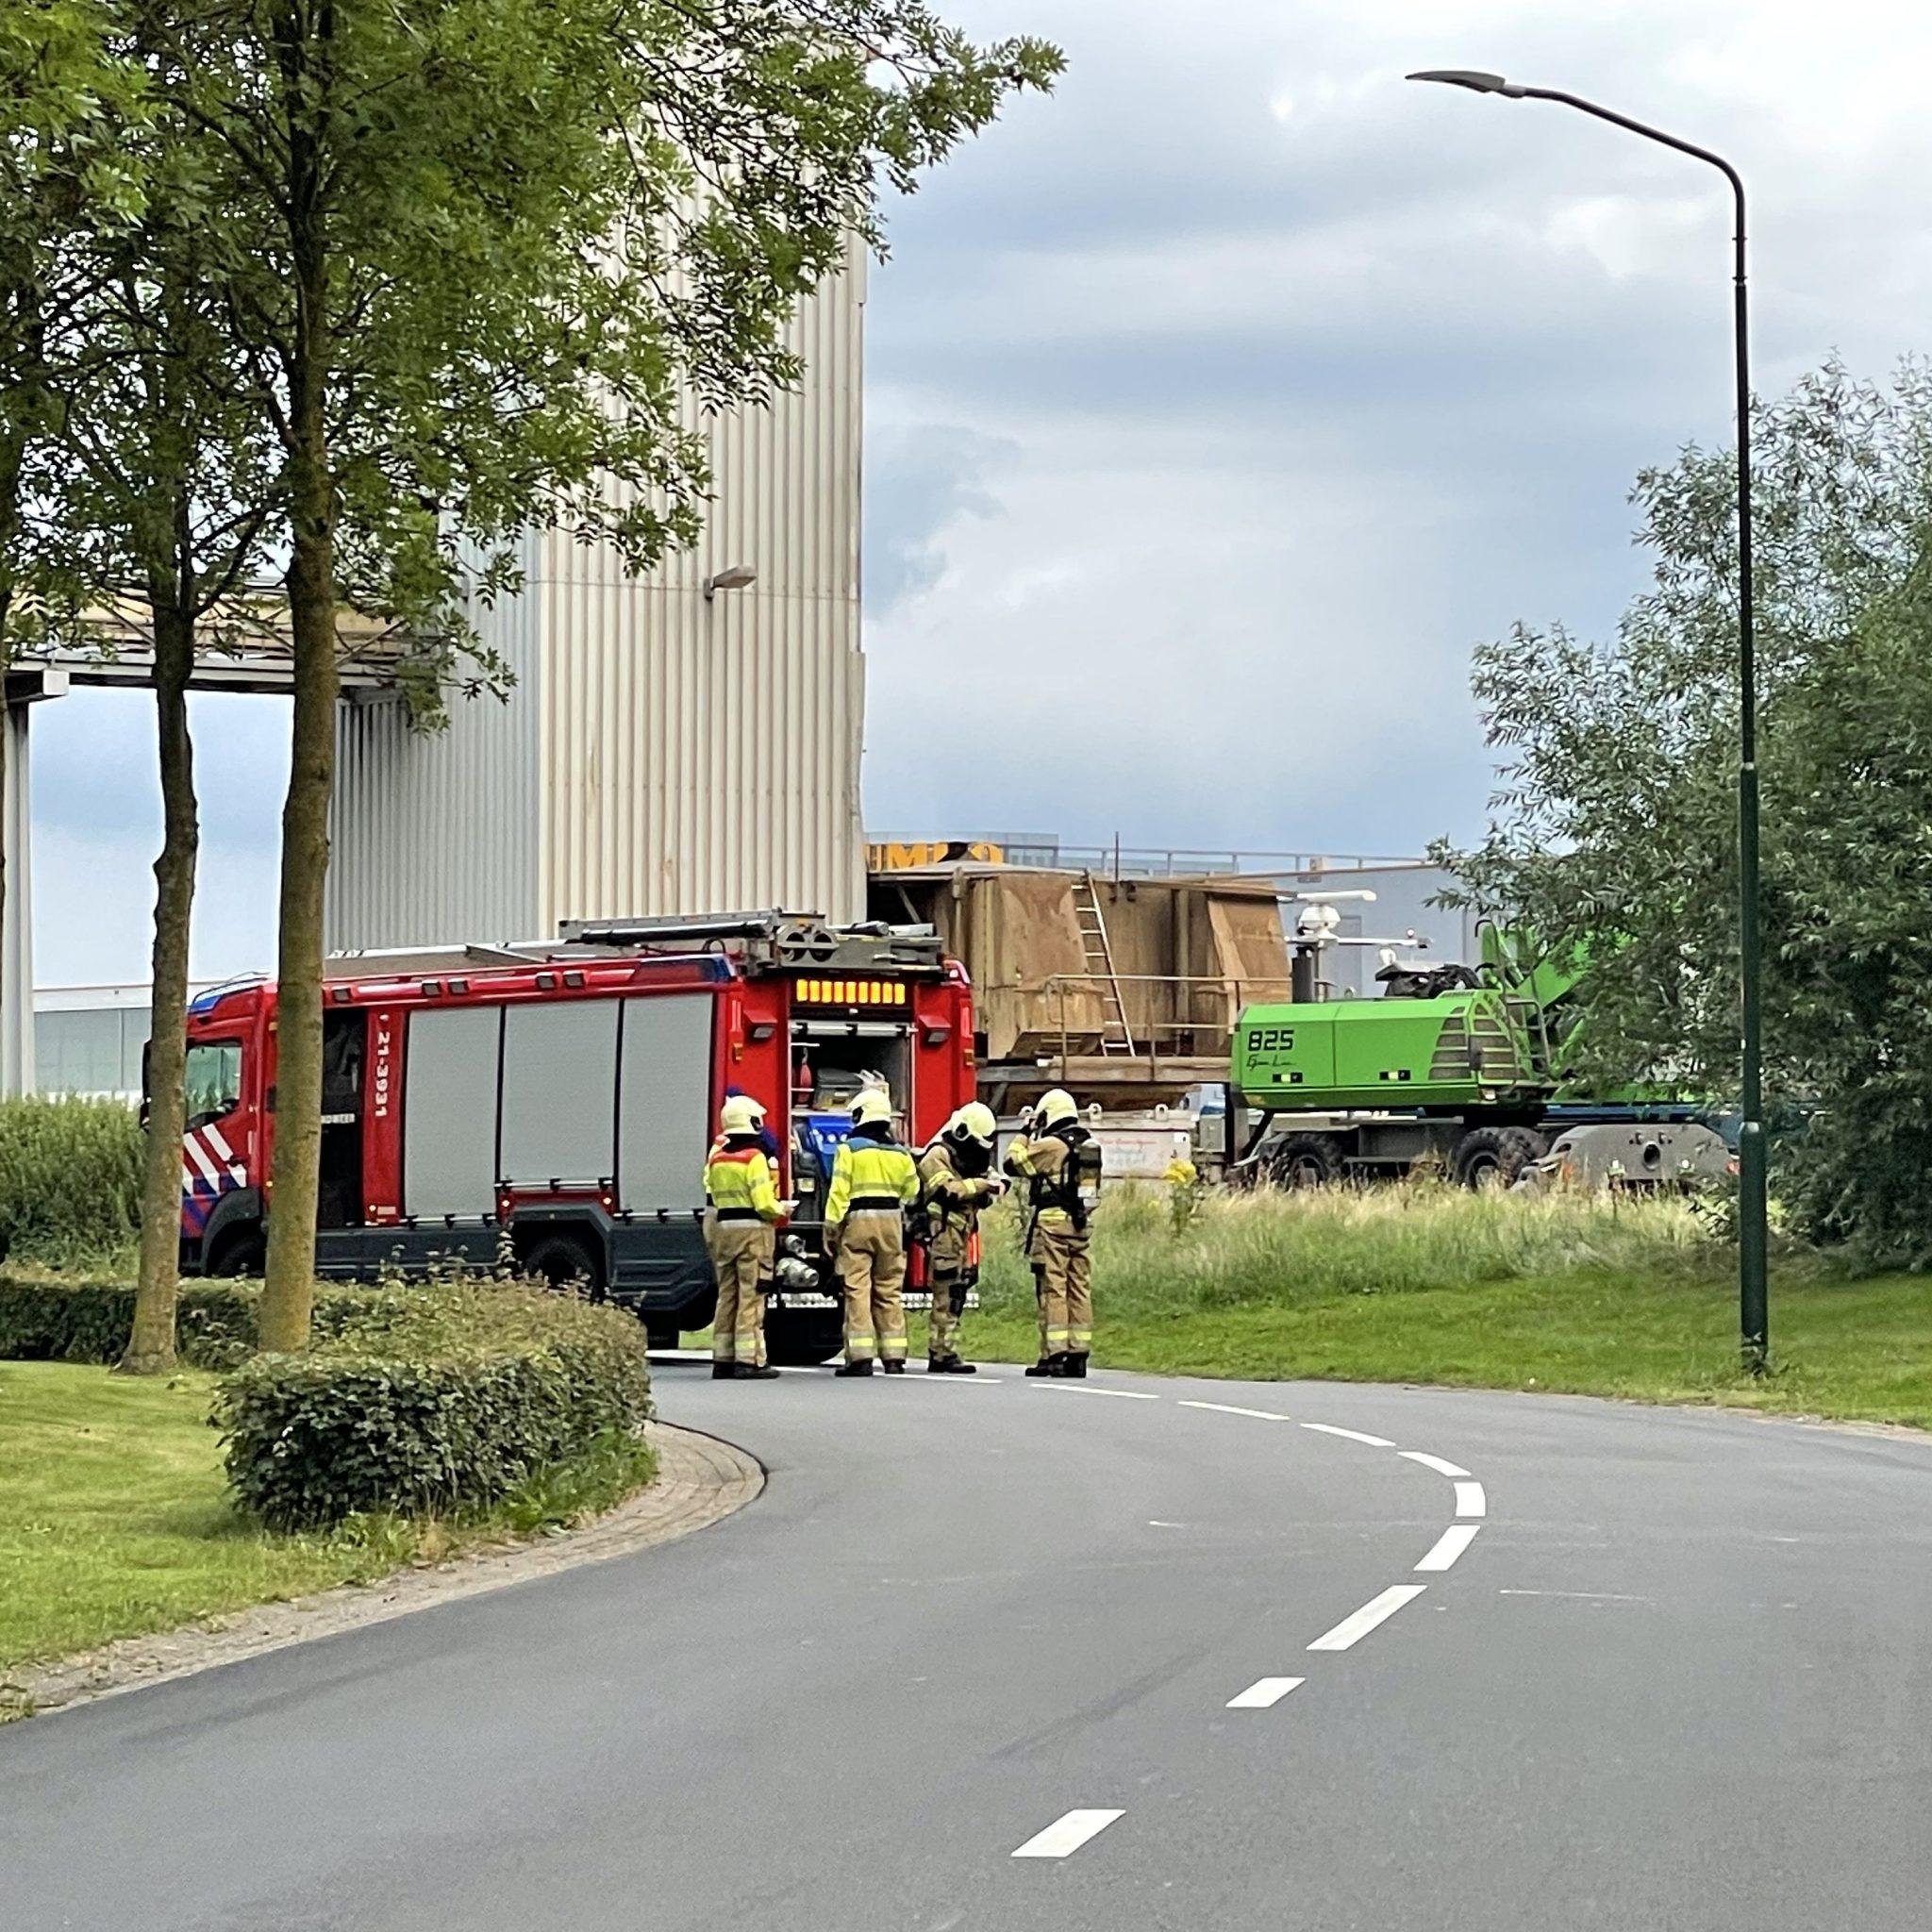 In Veghel lag de Semper Spera, in Utrecht de Coby en in Zwolle de Imatra. Allemaal met fosfine in de lading. (Foto AS Media)